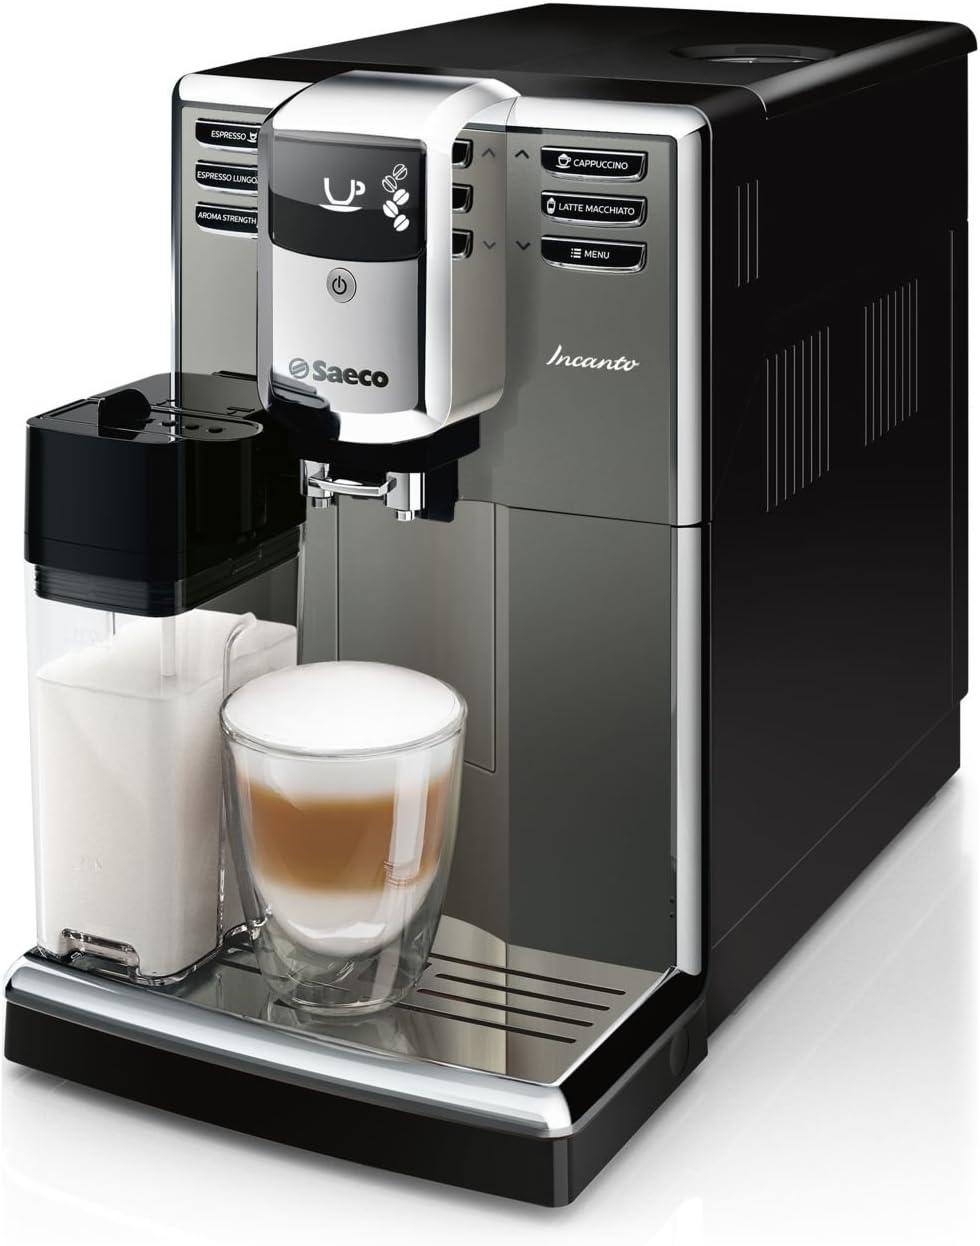 Saeco Incanto HD8918/41 - Cafetera (Independiente, Máquina espresso, 1,8 L, Molinillo integrado, 1850 W, Negro, Plata): Amazon.es: Hogar